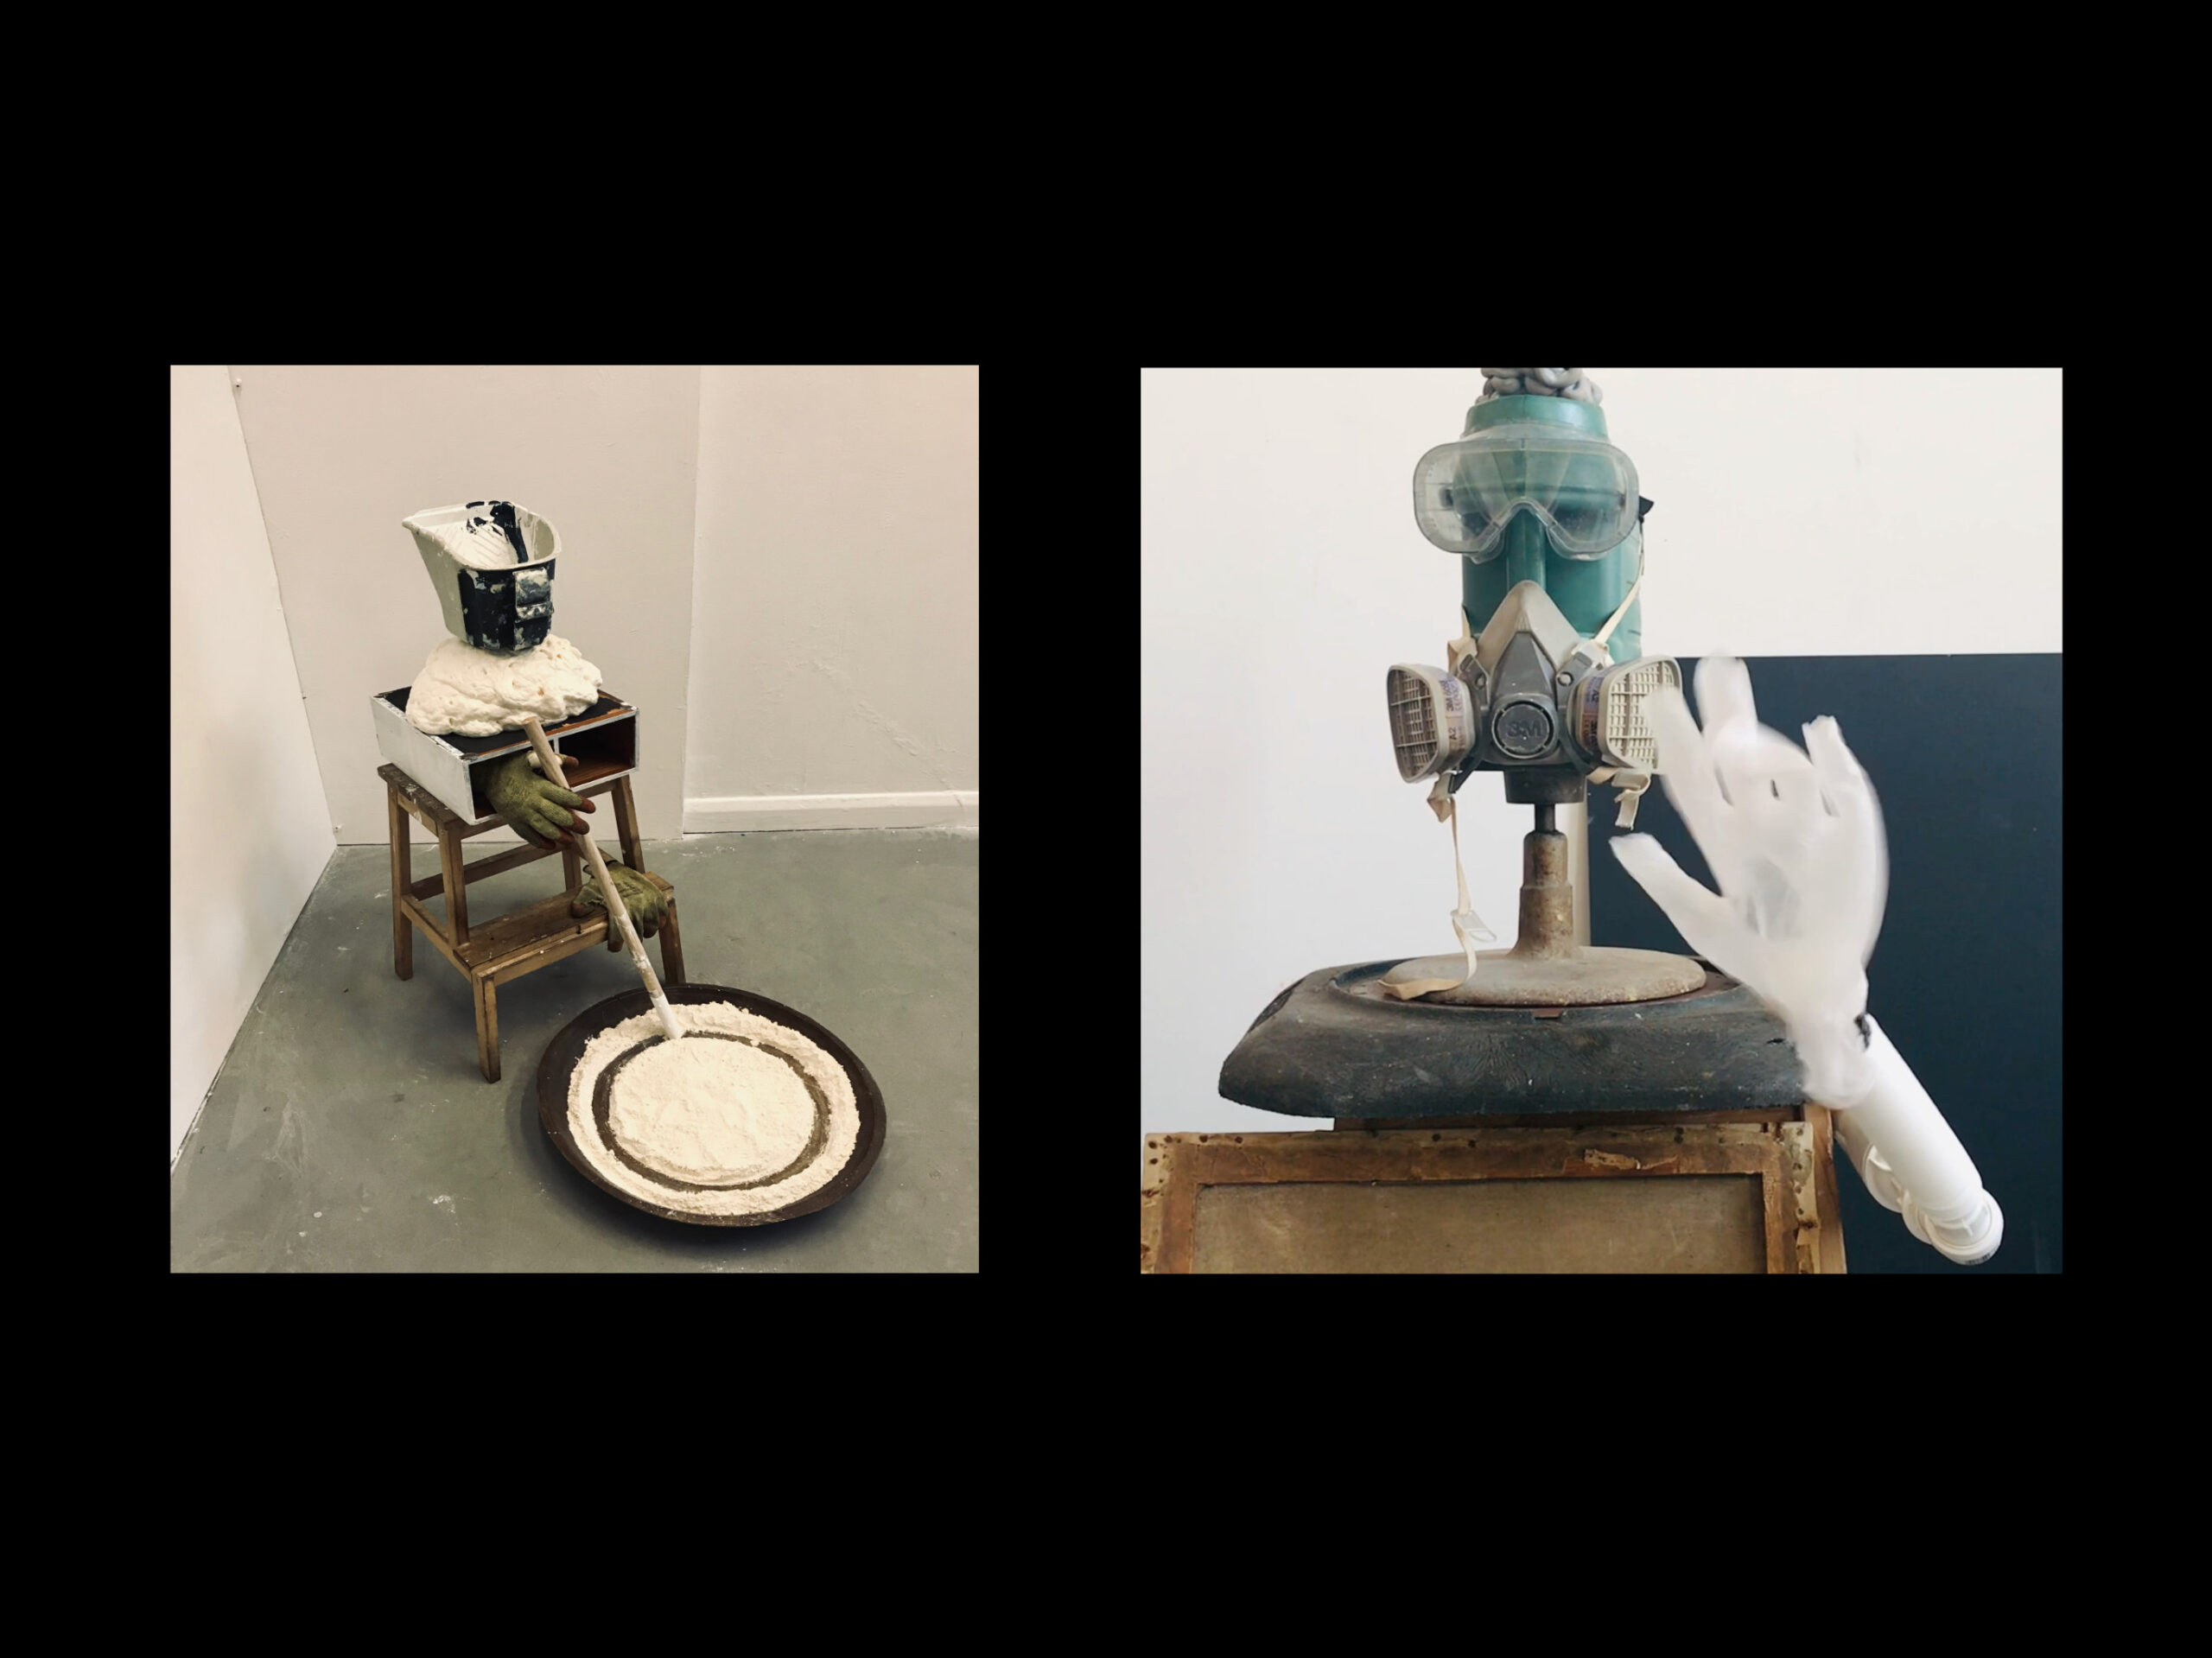 sculpture compositions